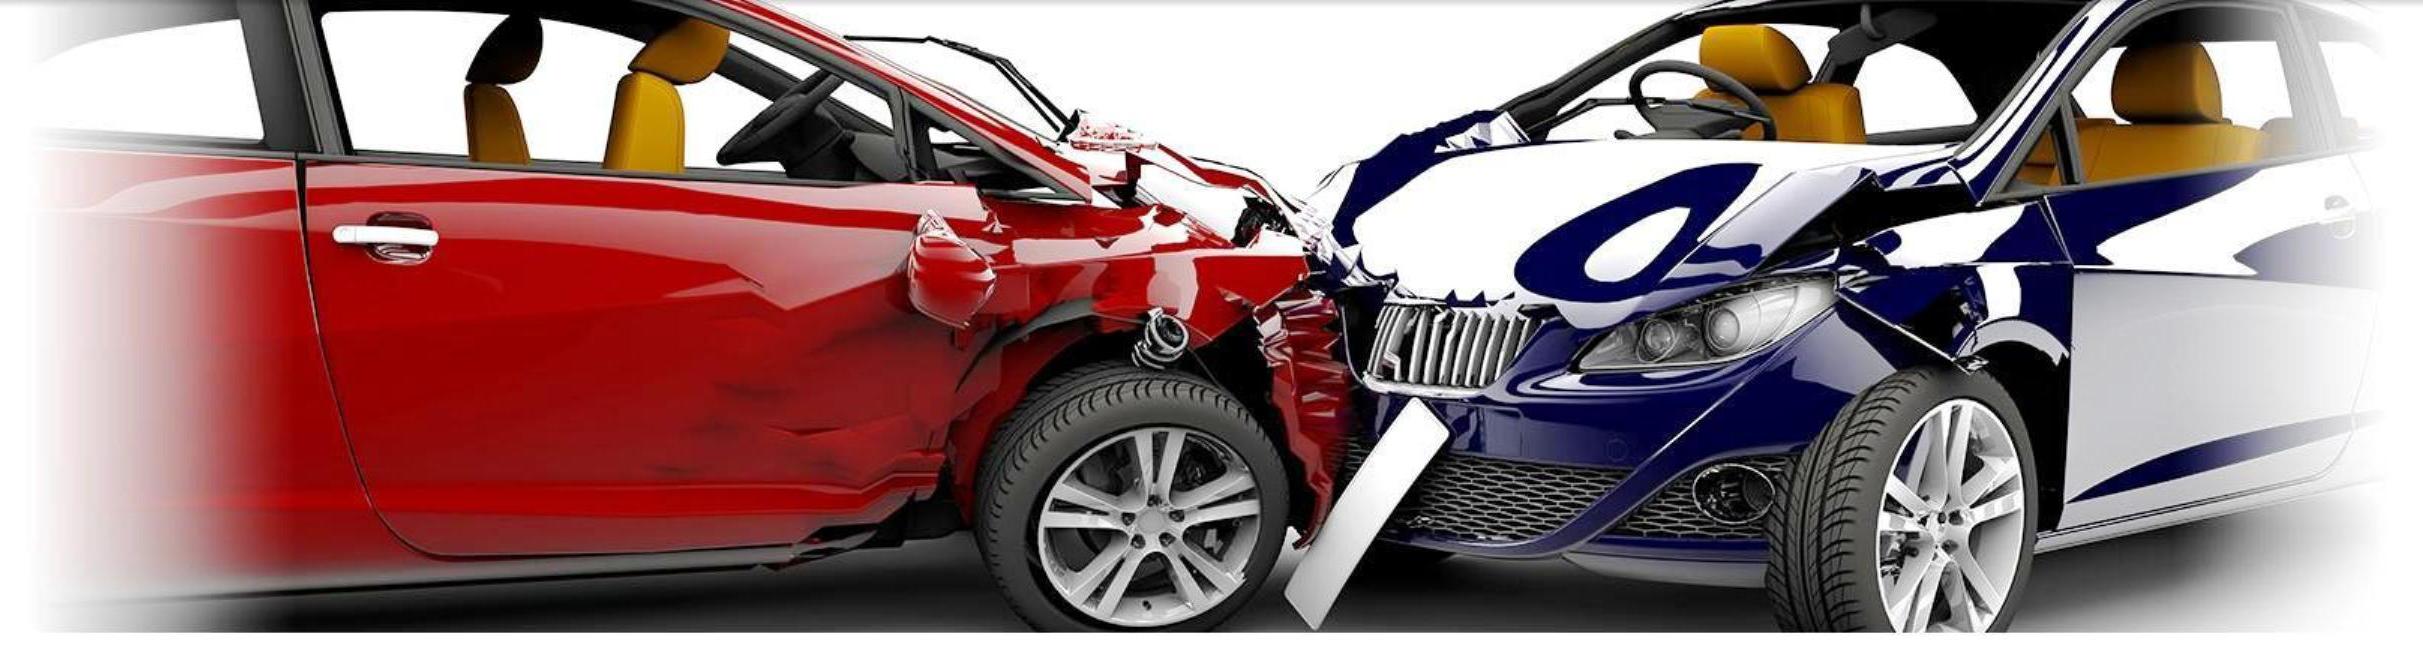 Как сделать страхование машины 263